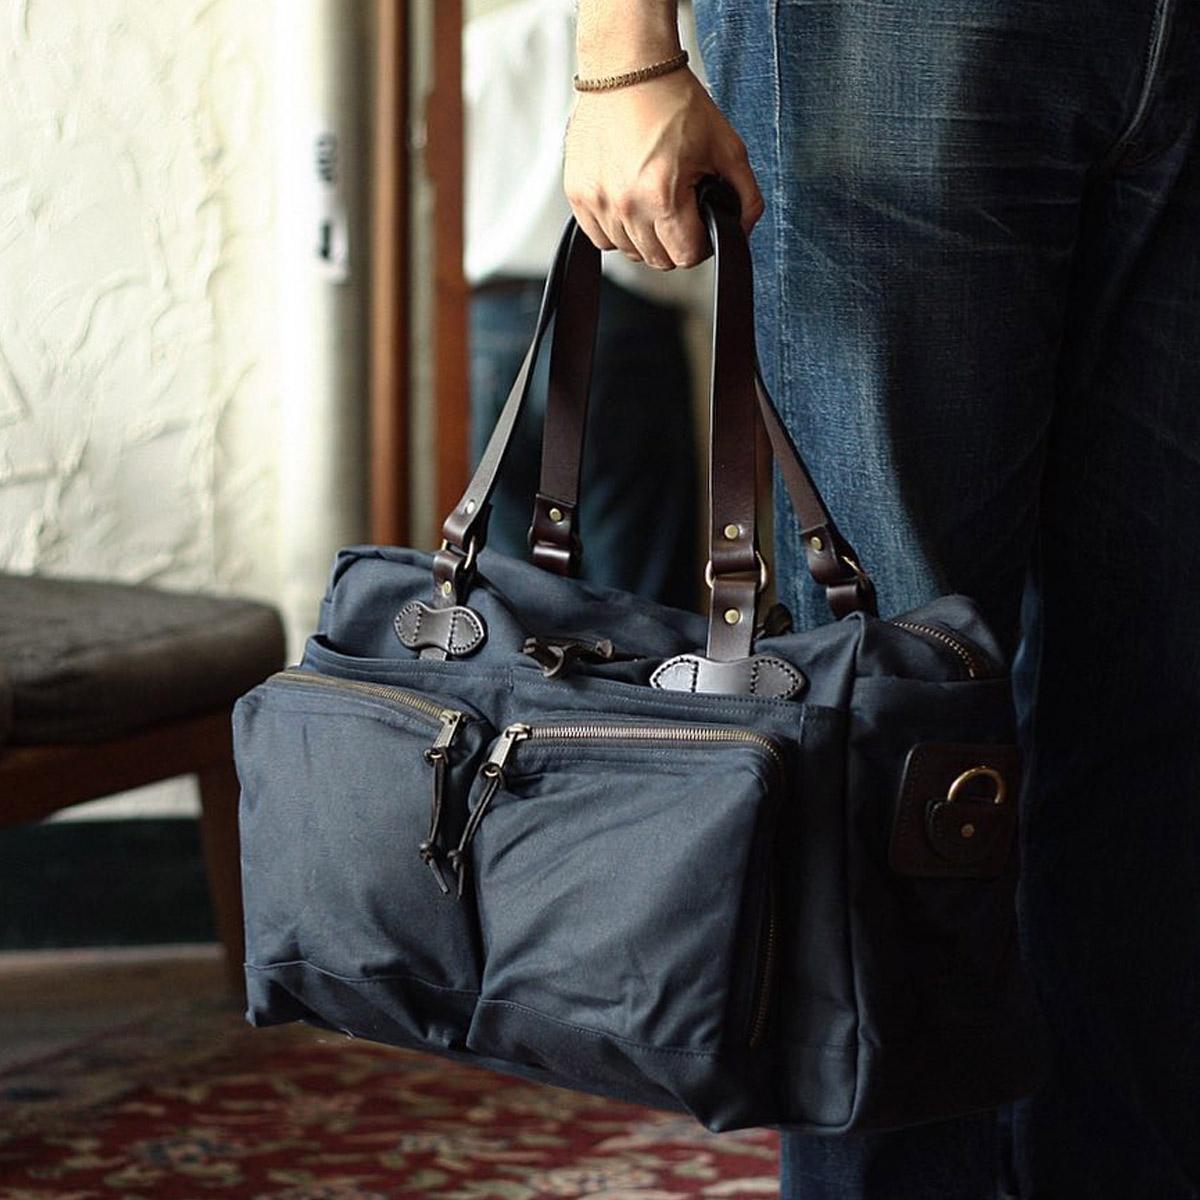 Filson 48-Hour Duffle 11070328 Navy, diese tolle Tasche ist der perfekte Geschäftspartner auf Reisen